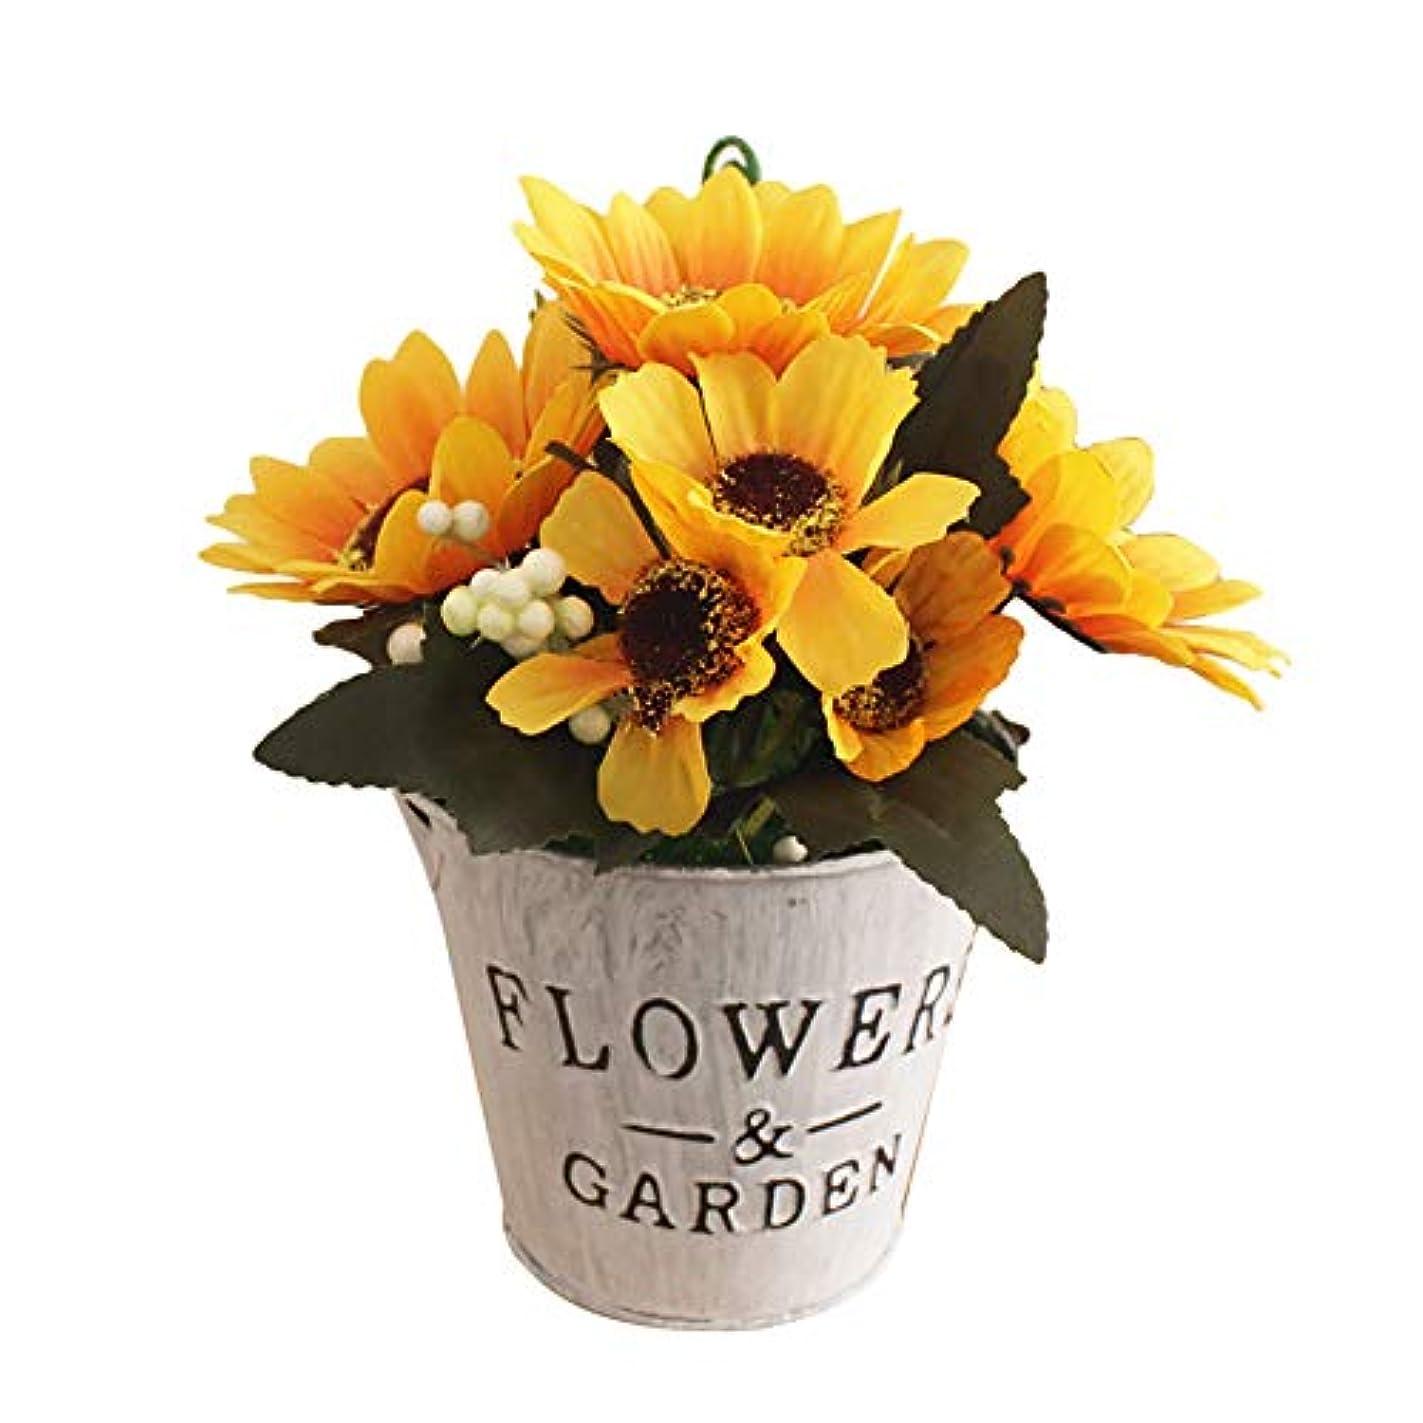 ベンチもう一度増幅ruisuered装飾植物結婚式人工観葉植物人工的な太陽の花の偽物の植物盆栽レストランホテルホームショップカフェの装飾 - 黄色